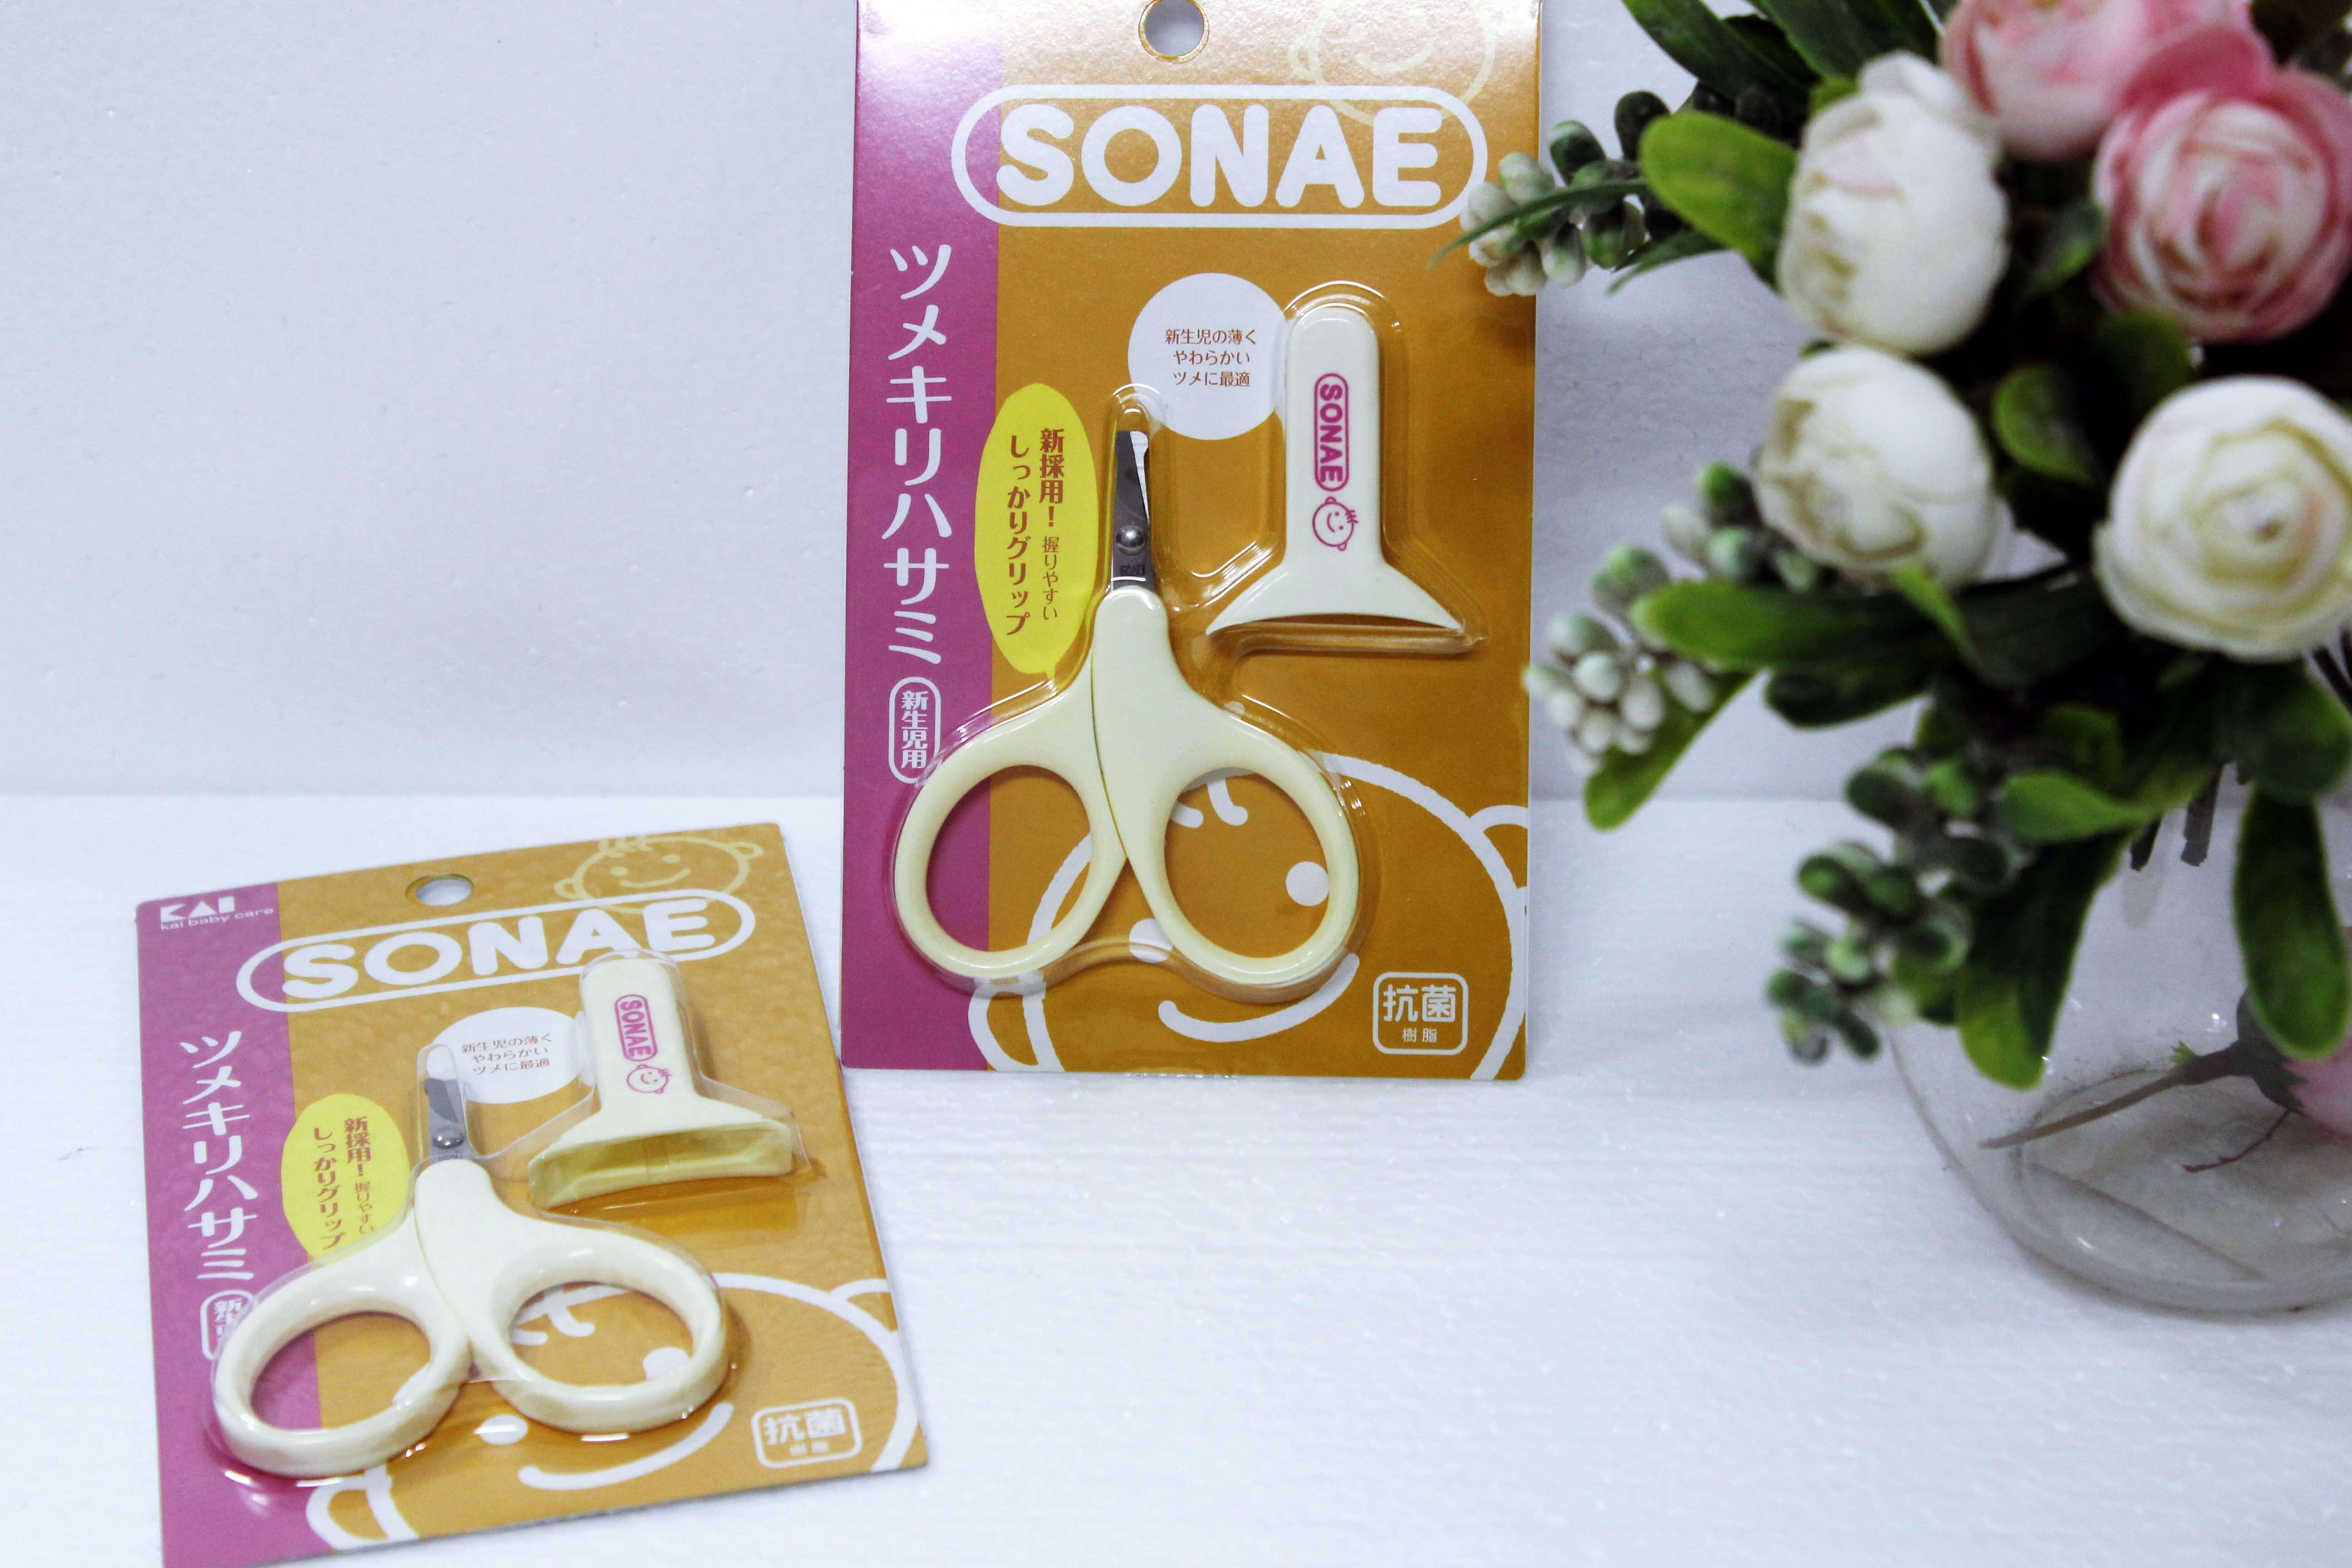 Kéo cắt móng tay cho trẻ sơ sinh kèm nắp đậy KAI - Hàng Nhật nội địa